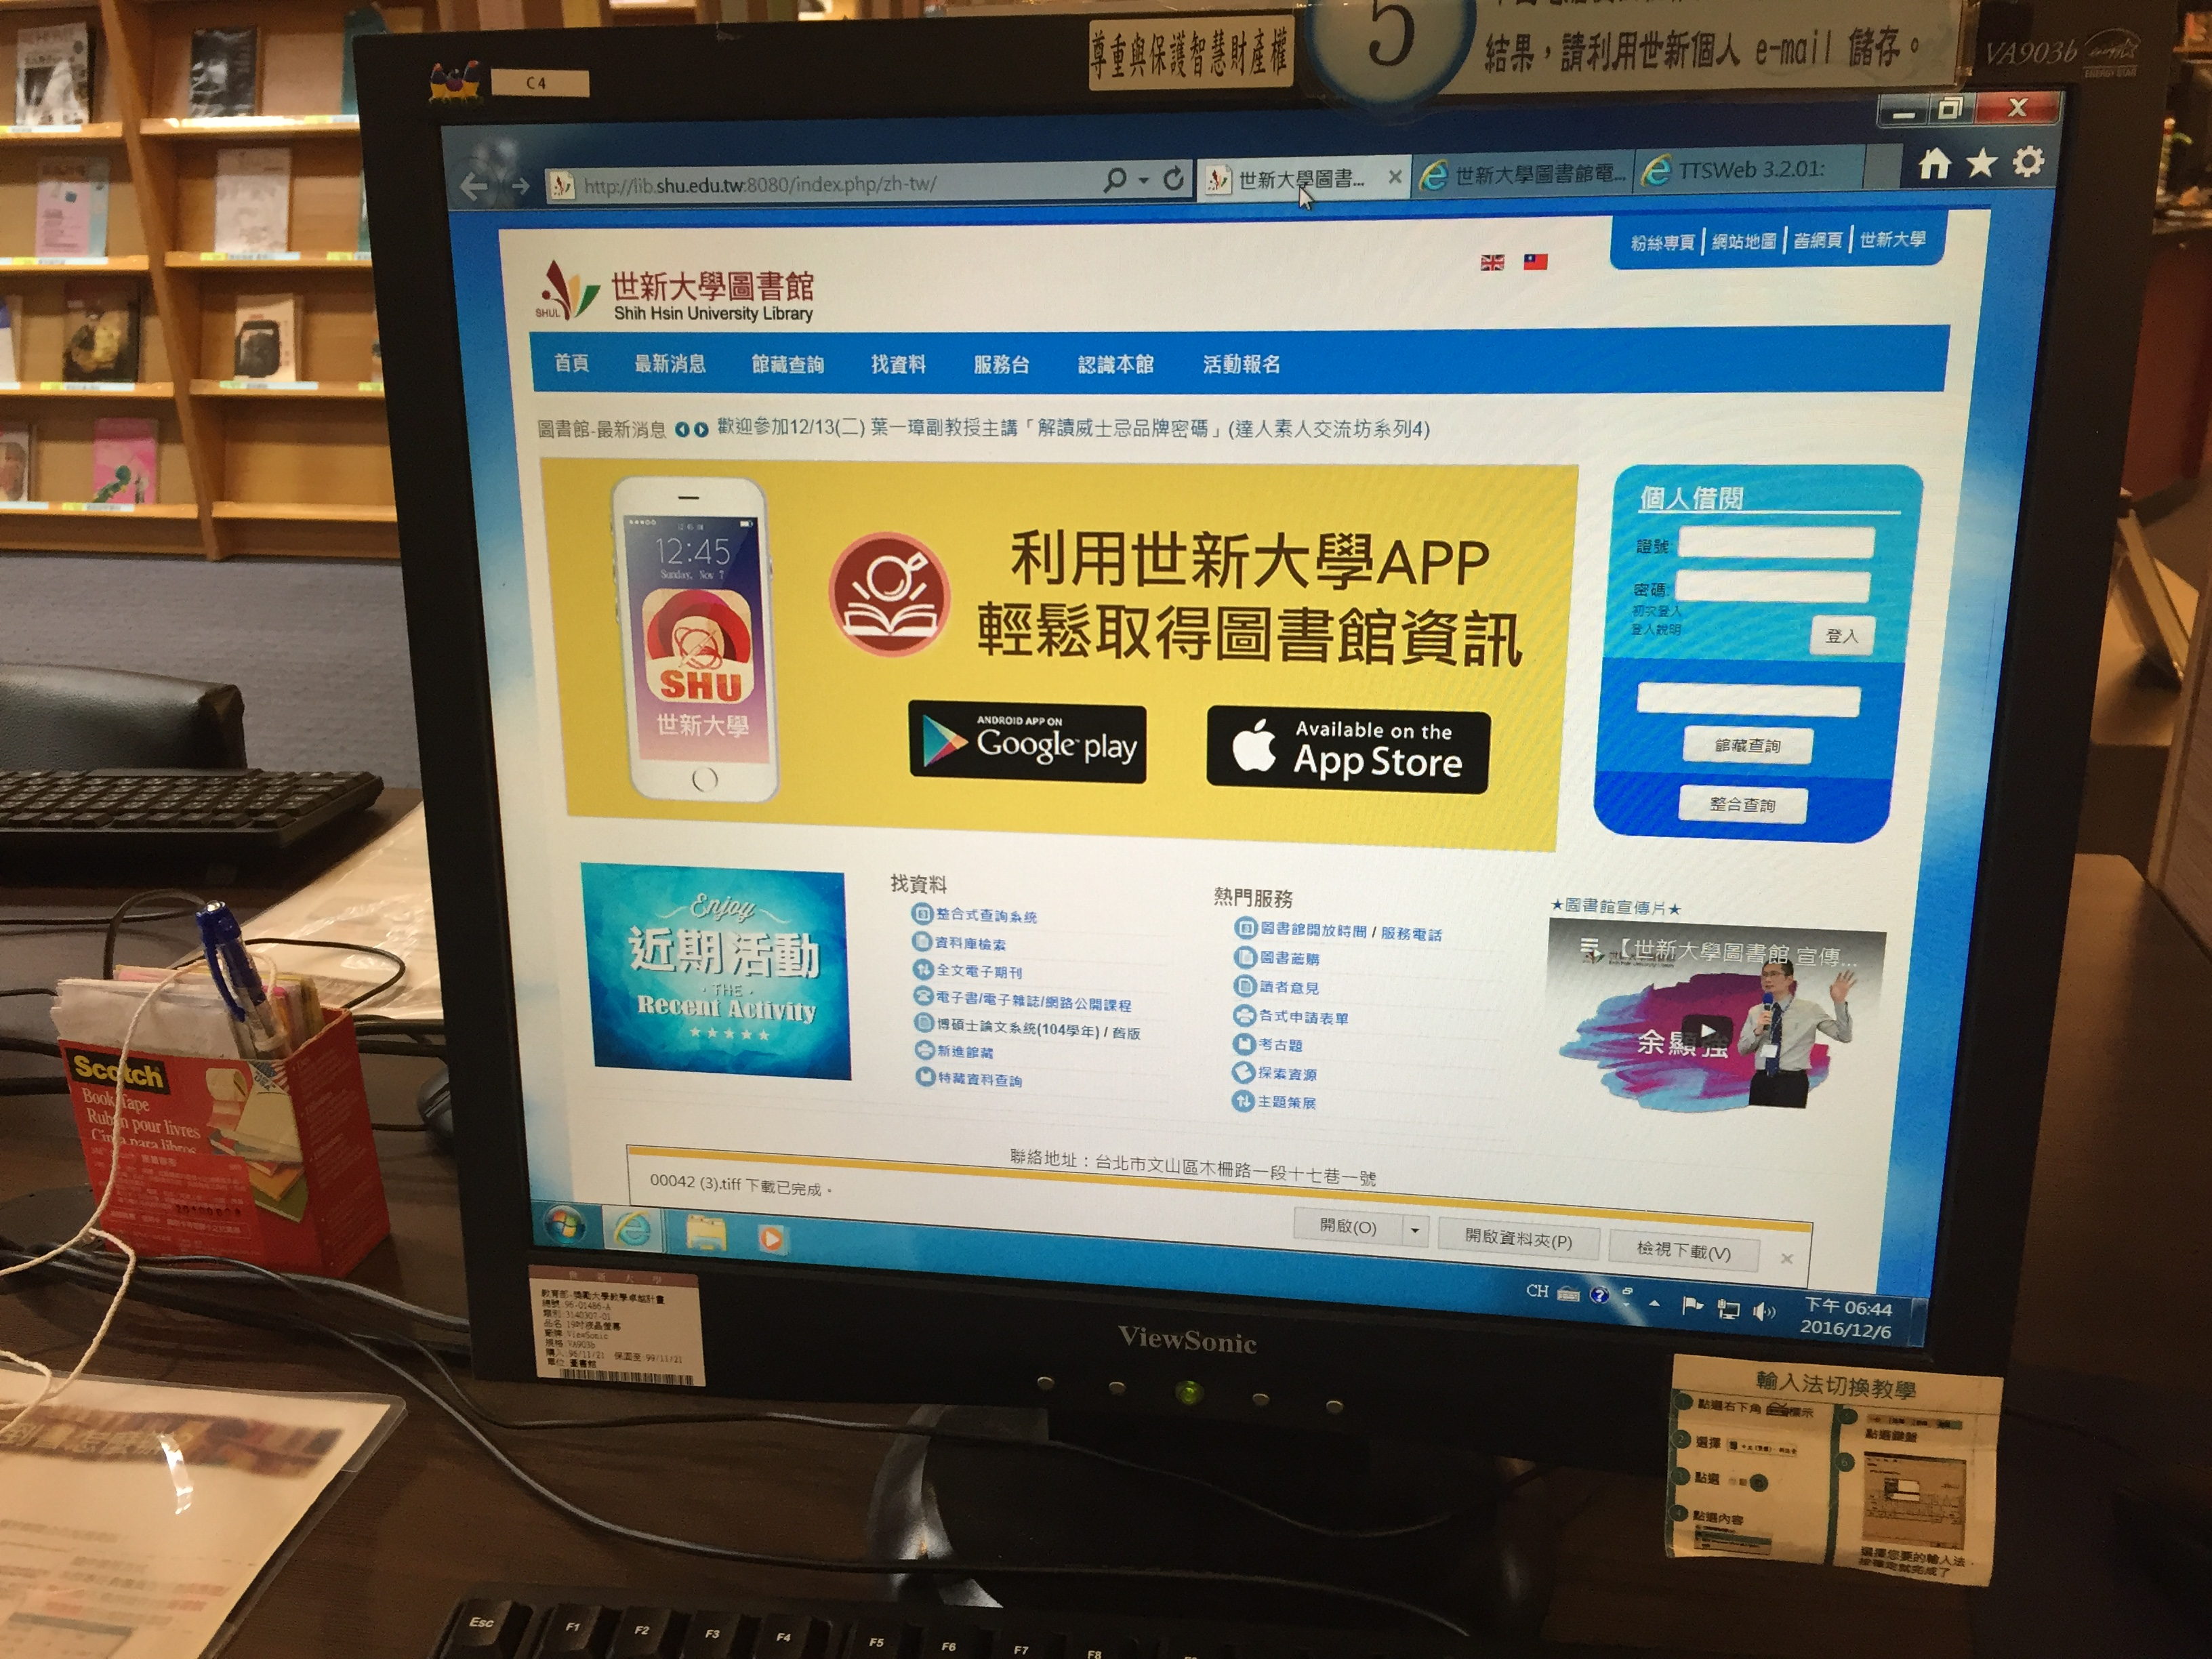 只要透過各式圖書館服務APP,就能輕鬆取得資訊服務。攝影/陳冠宏